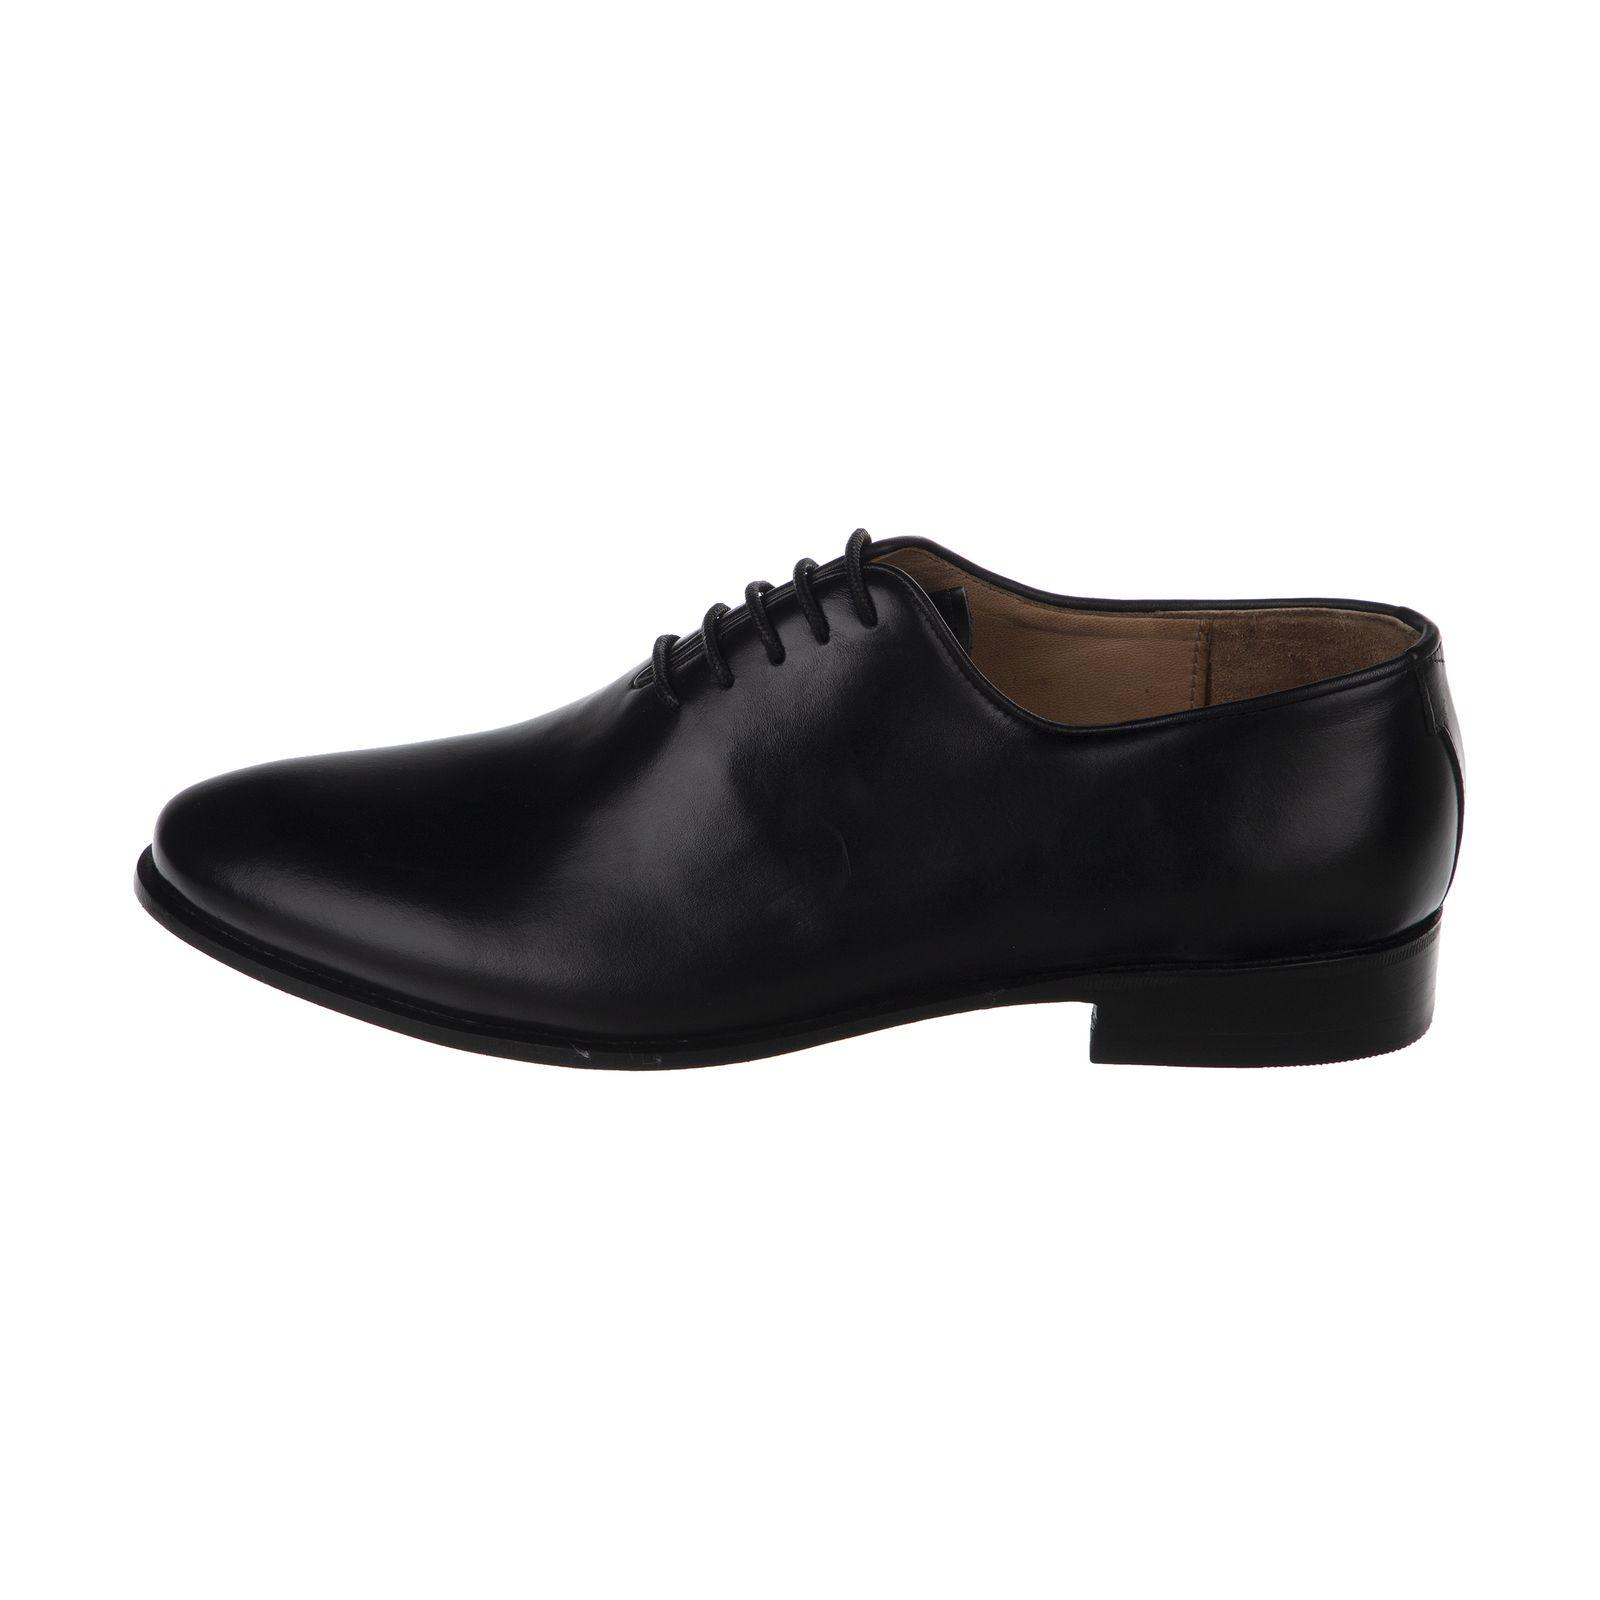 کفش مردانه دگرمان مدل 2101-101 -  - 1